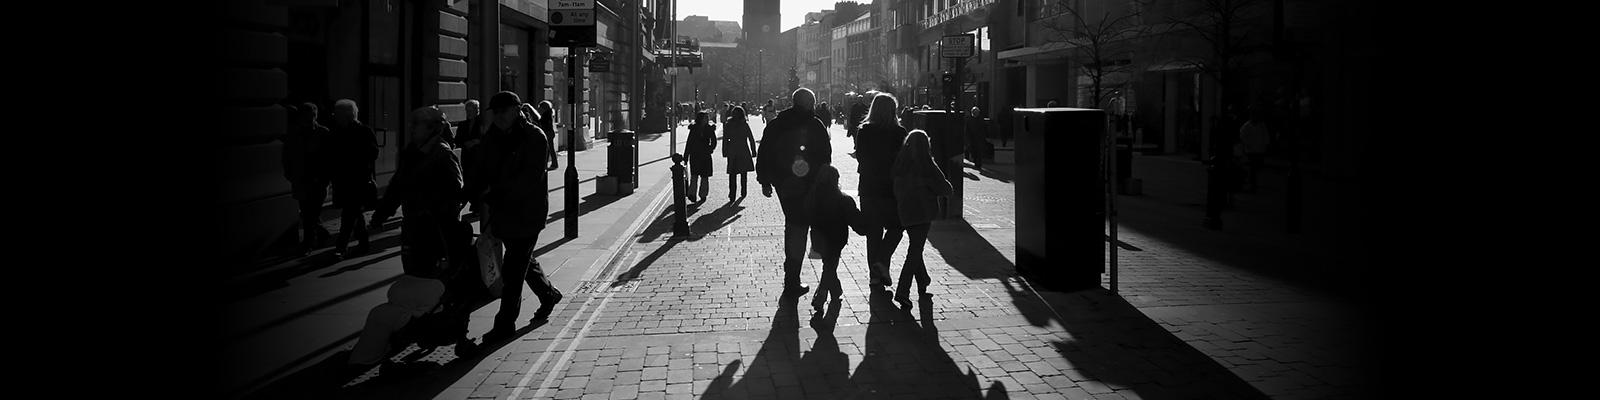 ロンドン 人々 影 イメージ